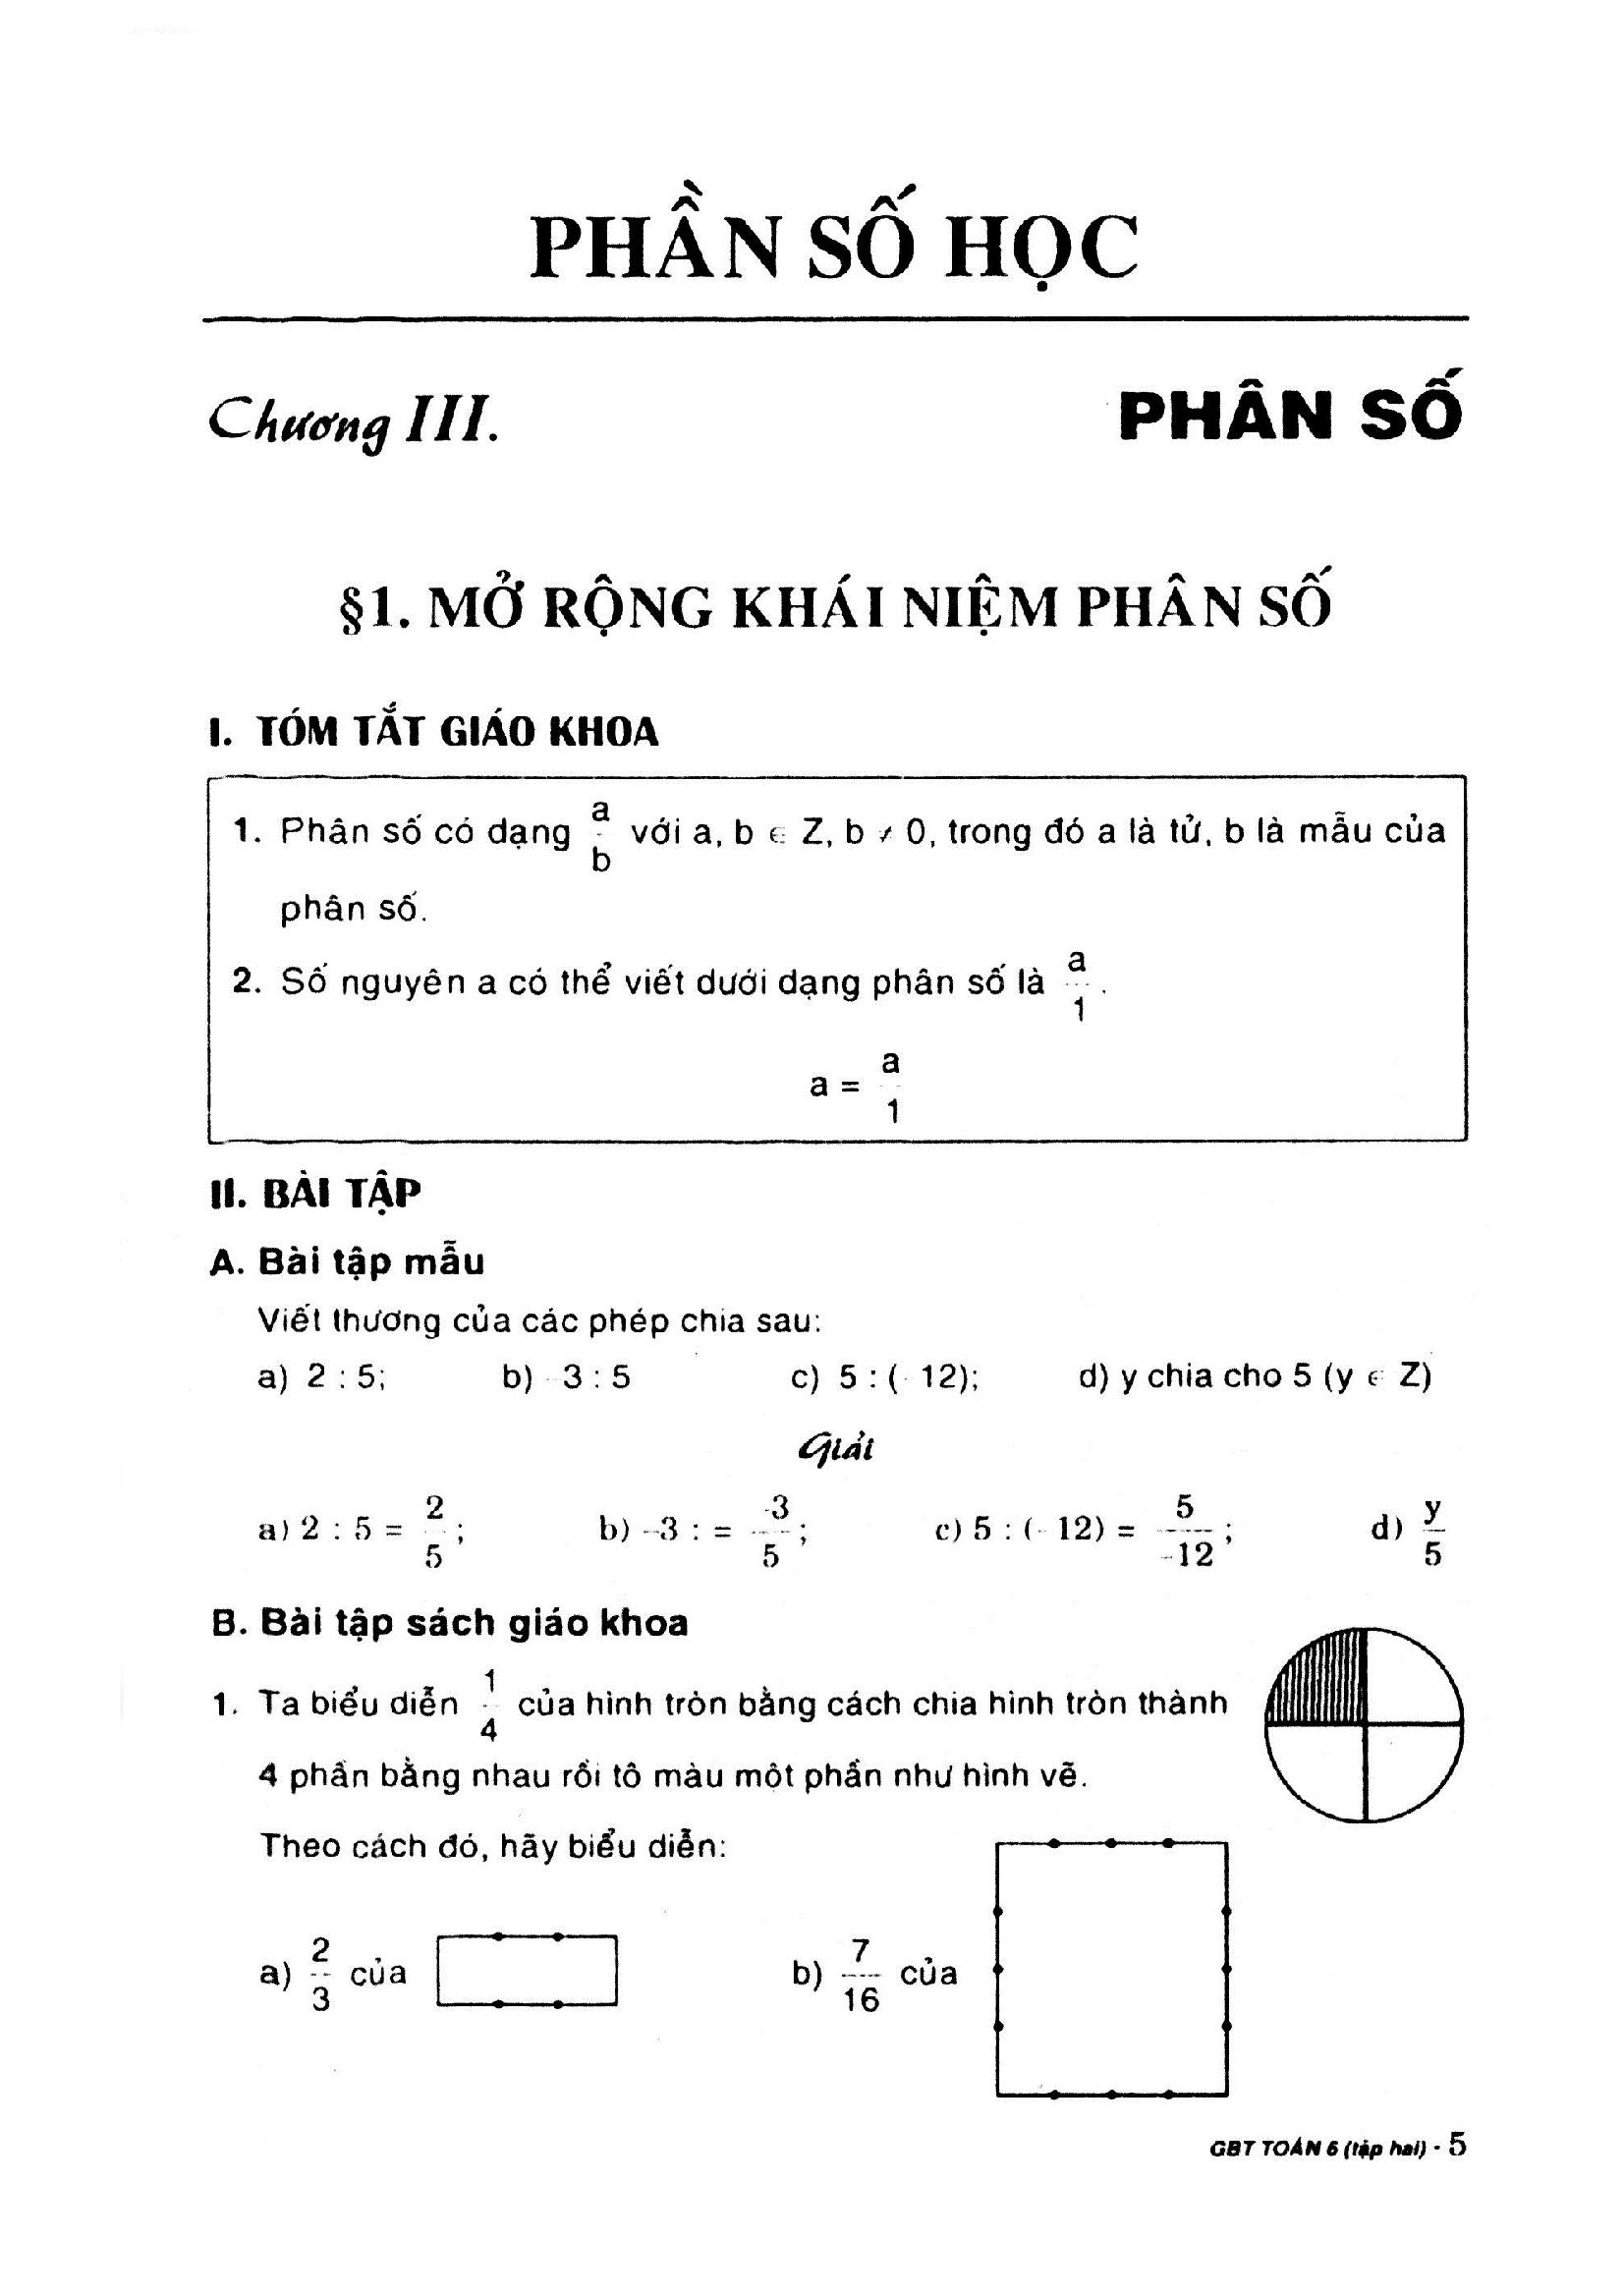 Hướng dẫn giải bài tập SGK Toán 6 - Đại Số chuẩn